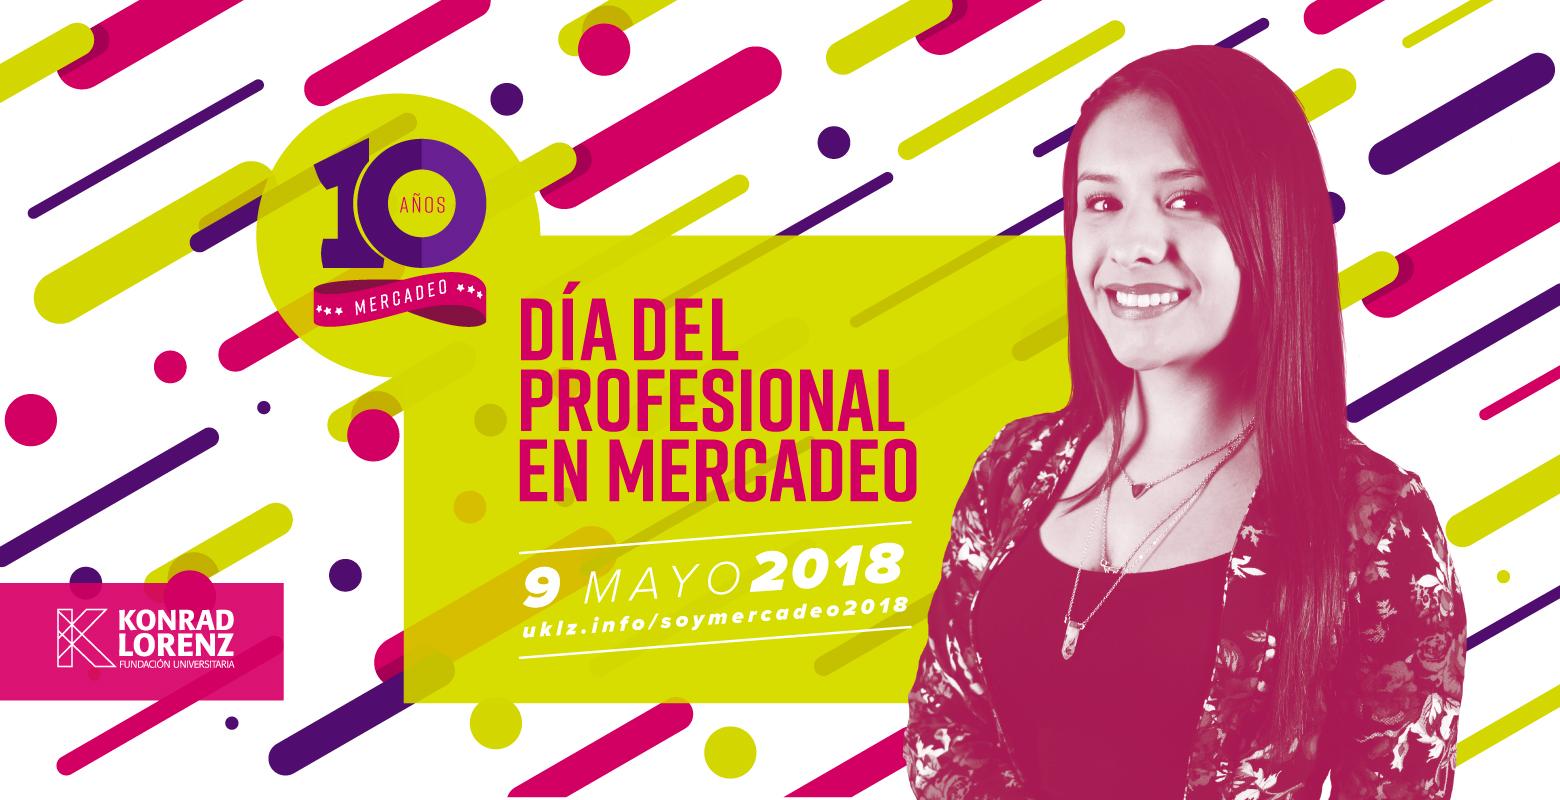 Día del Profesional en Mercadeo 2018